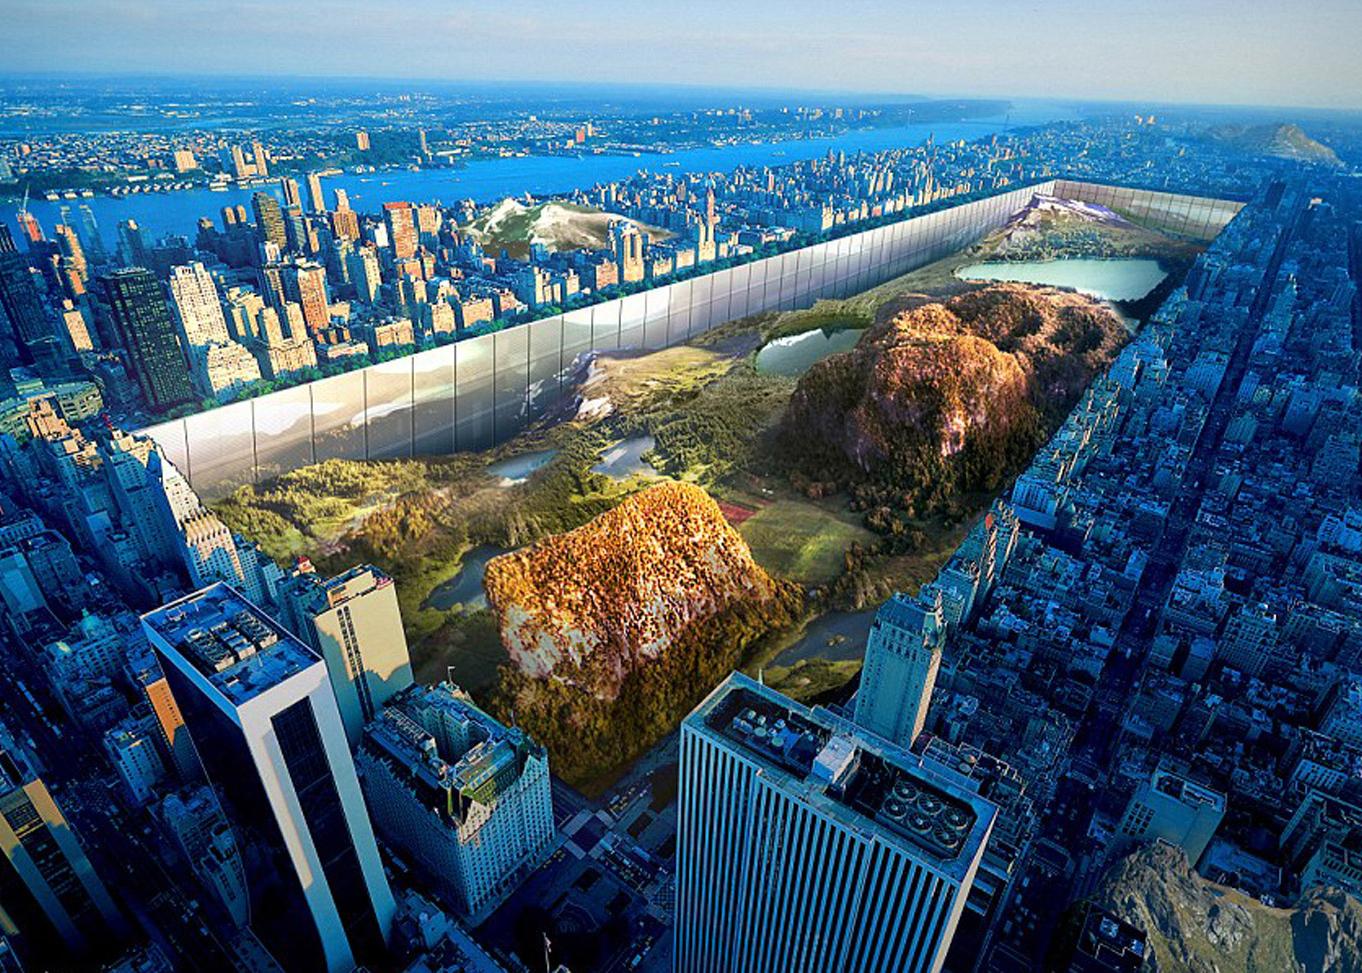 Конкурс за небостъргач в Манхатън, сентръл парк